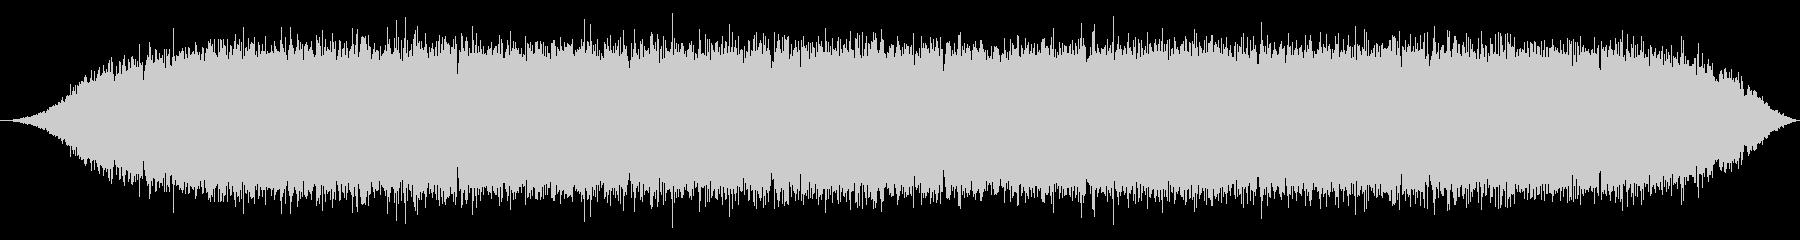 少年漫画によくあるオーラ表現の効果音2の未再生の波形